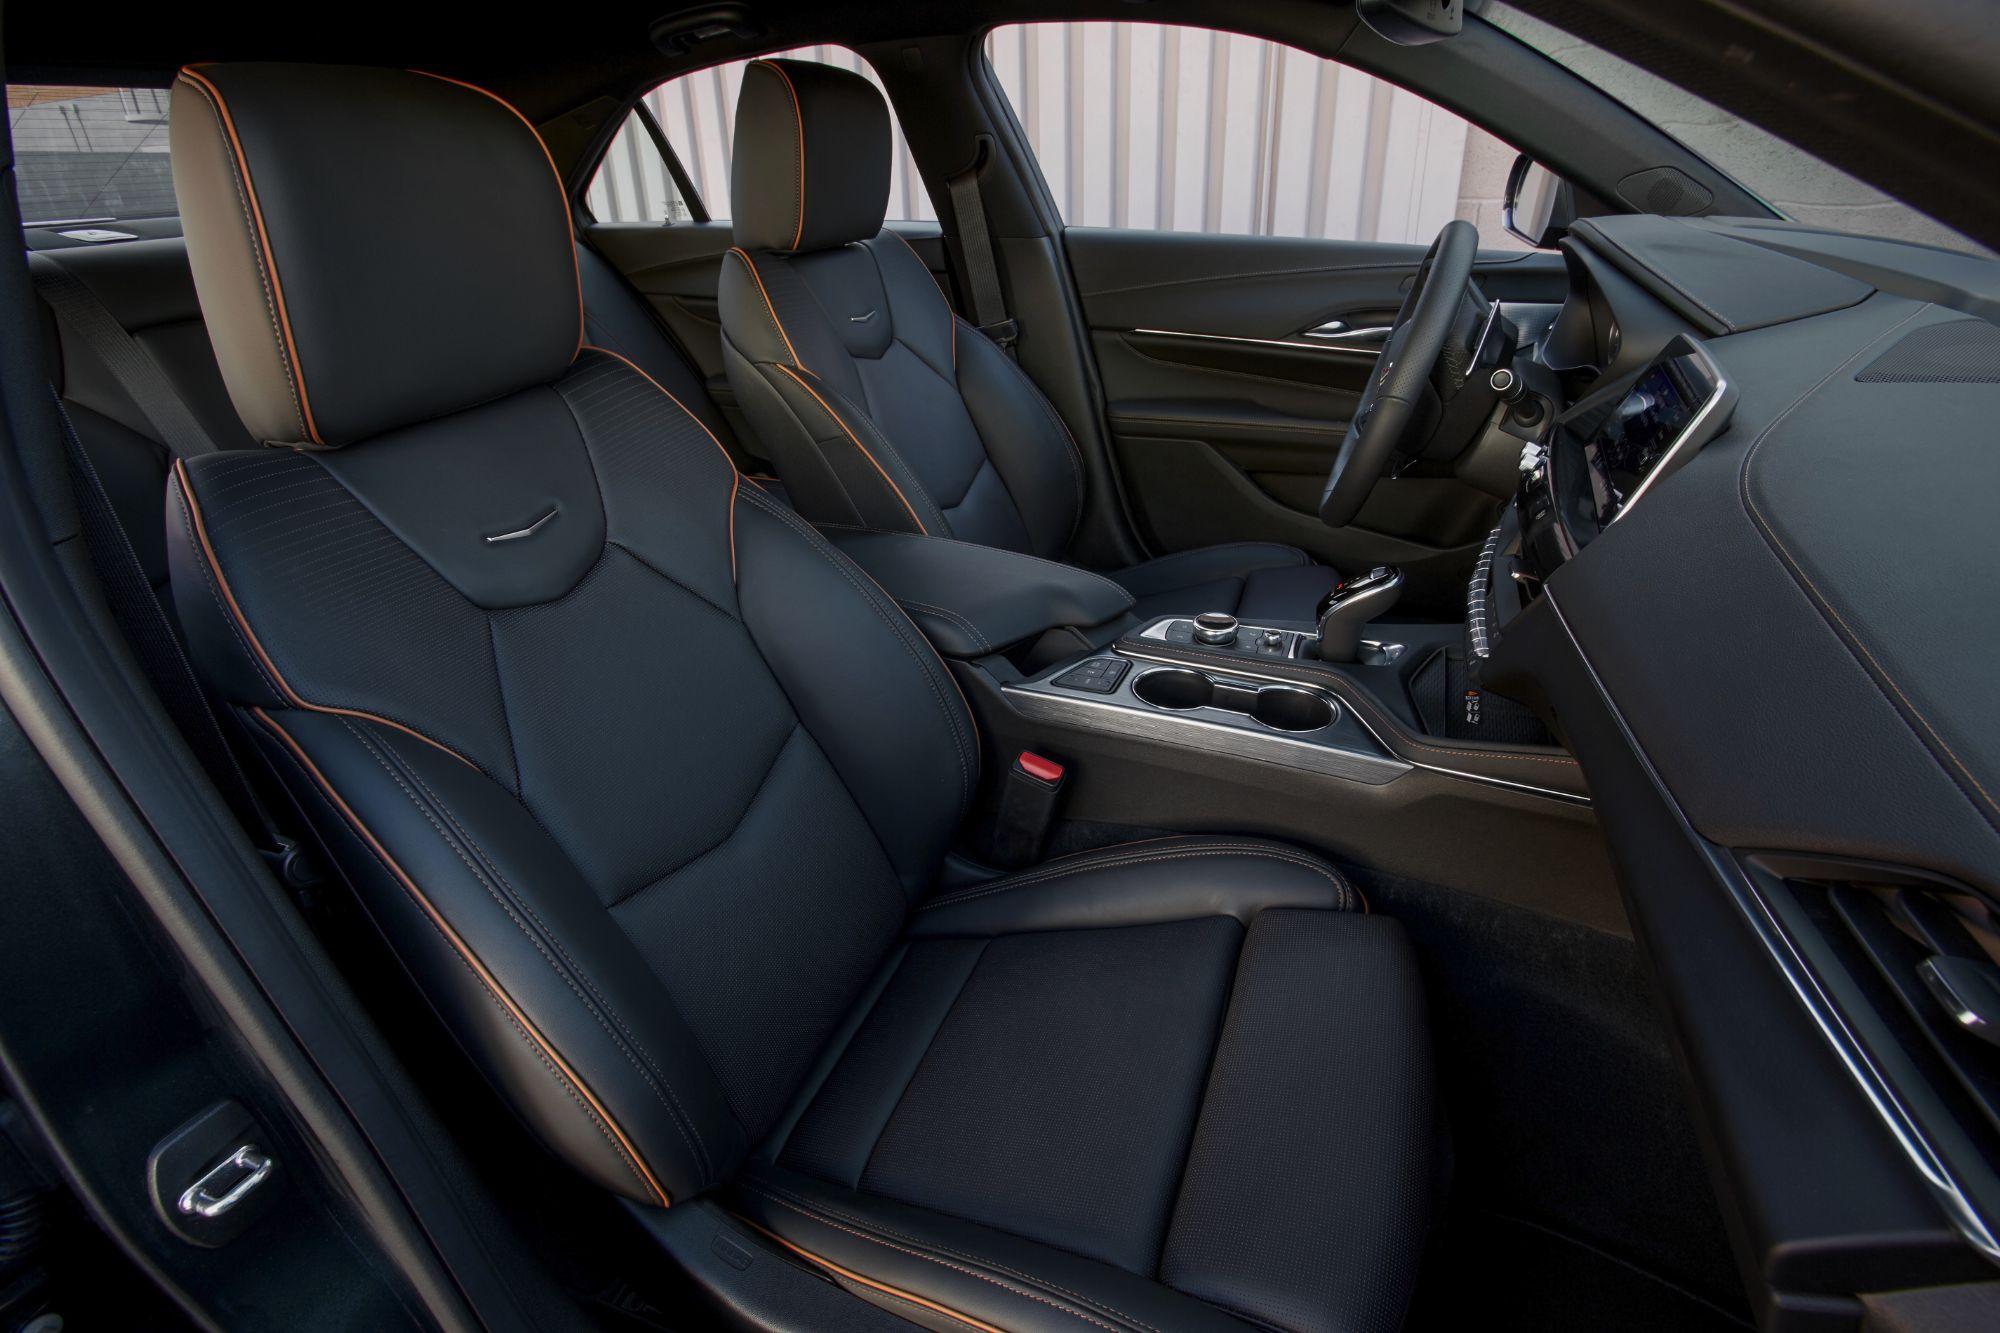 2020-Cadillac-CT4-V-077